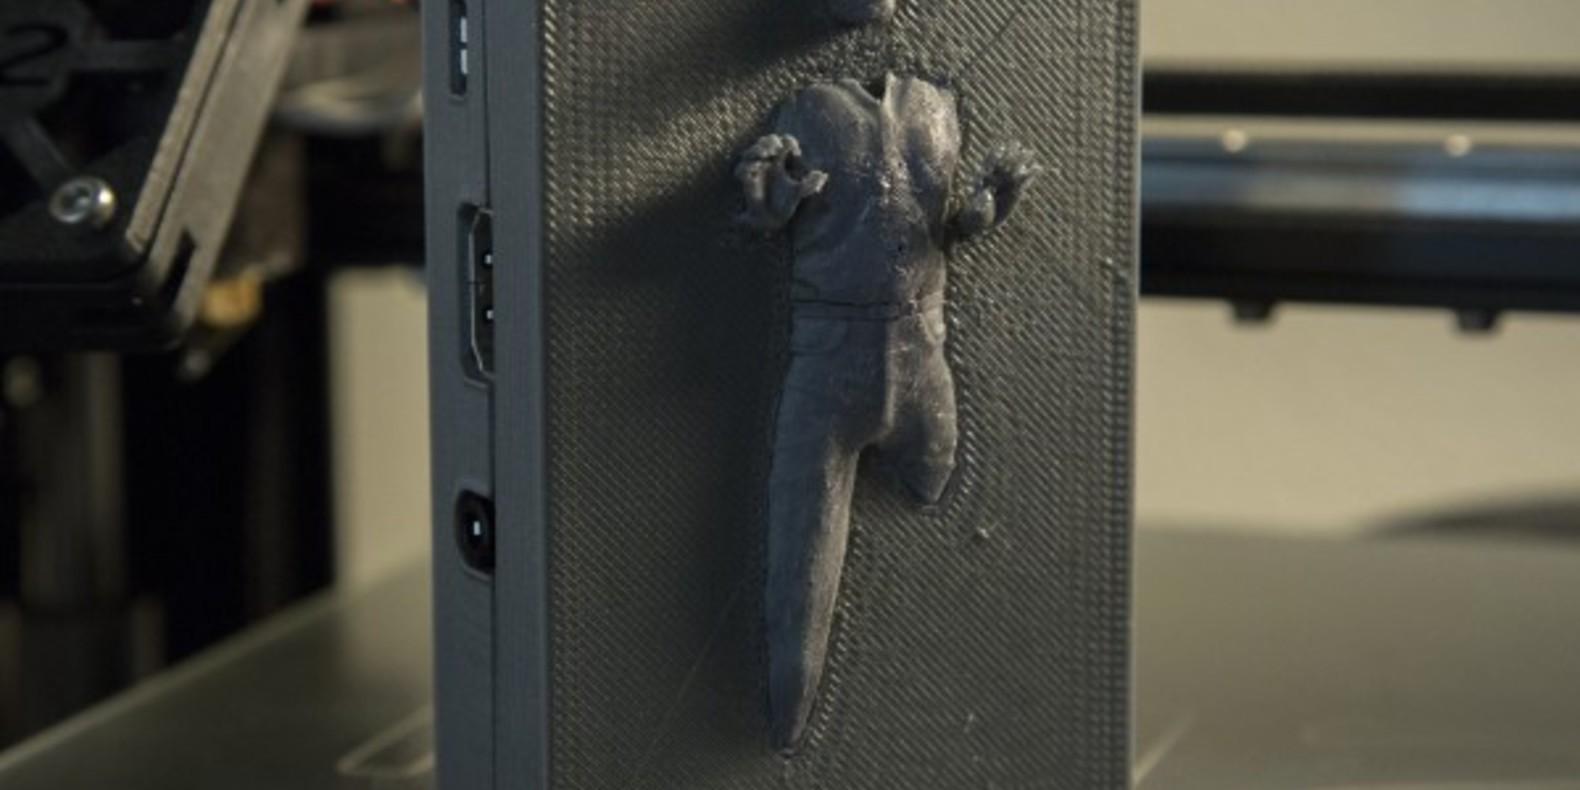 http://fichier3d.fr/wp-content/uploads/2016/01/Han-solo-carbonite-star-wars-raspberrypi-2-case-3D-printer-imprimé-en-3D-STL-fichier-Cults-1.jpg